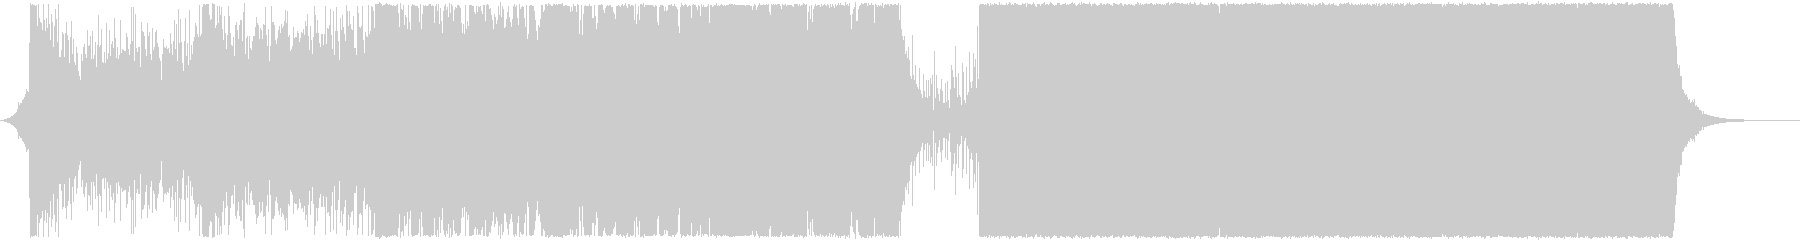 決戦のシーン/オーケストラ+エレクトロの未再生の波形